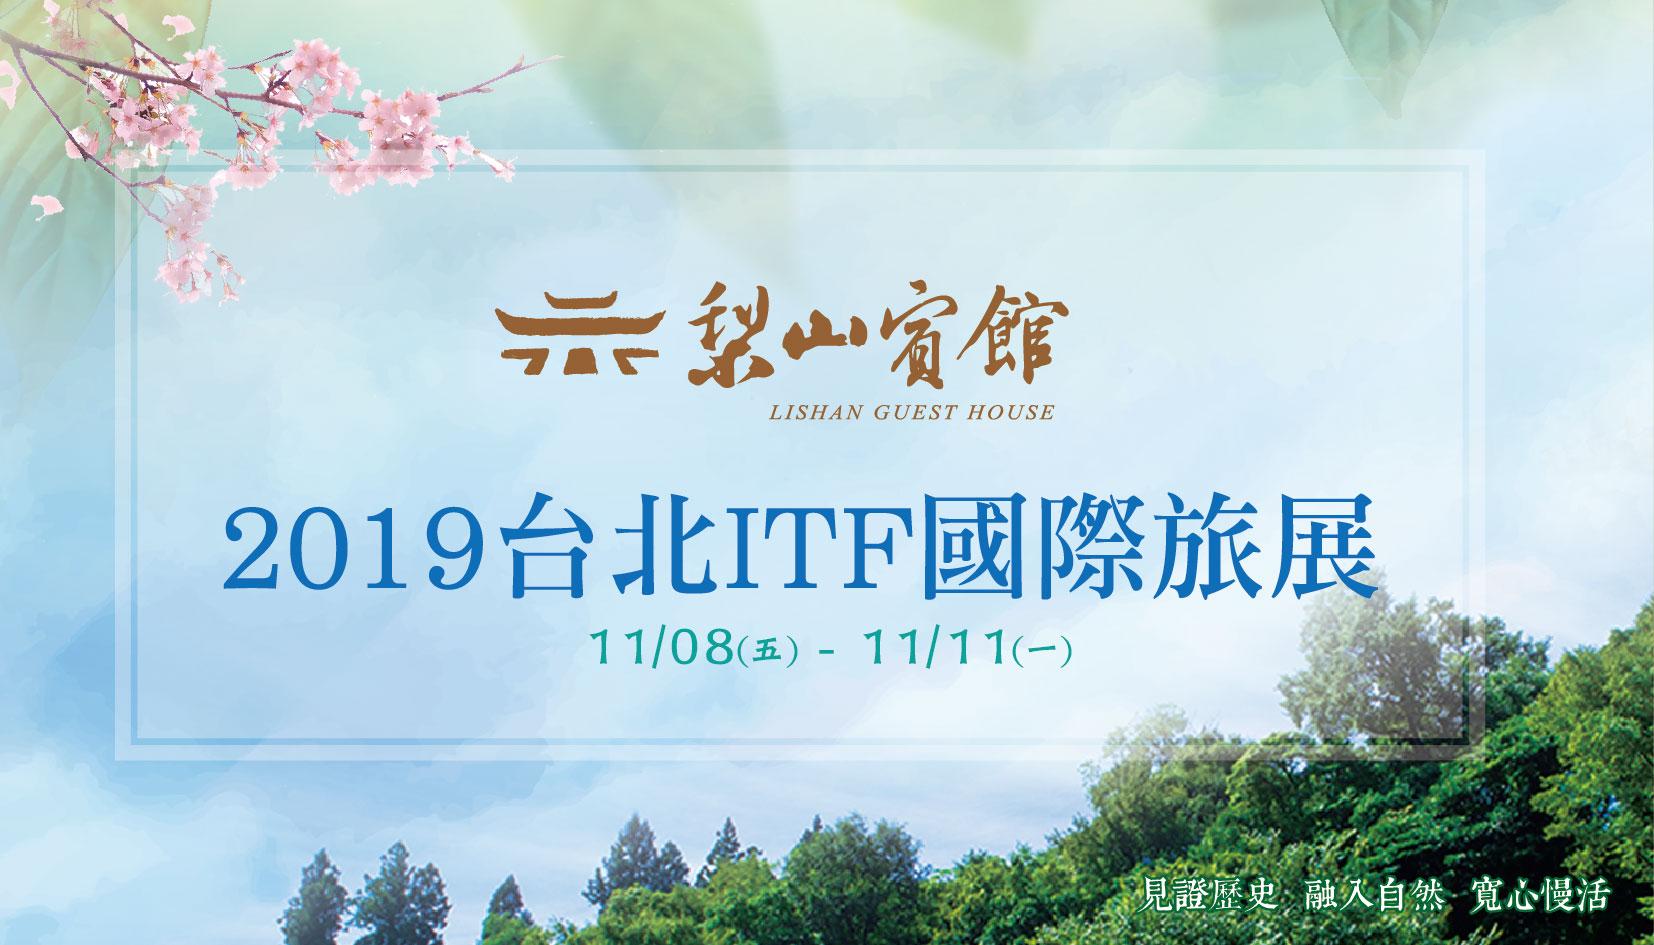 2019 台北ITF旅展